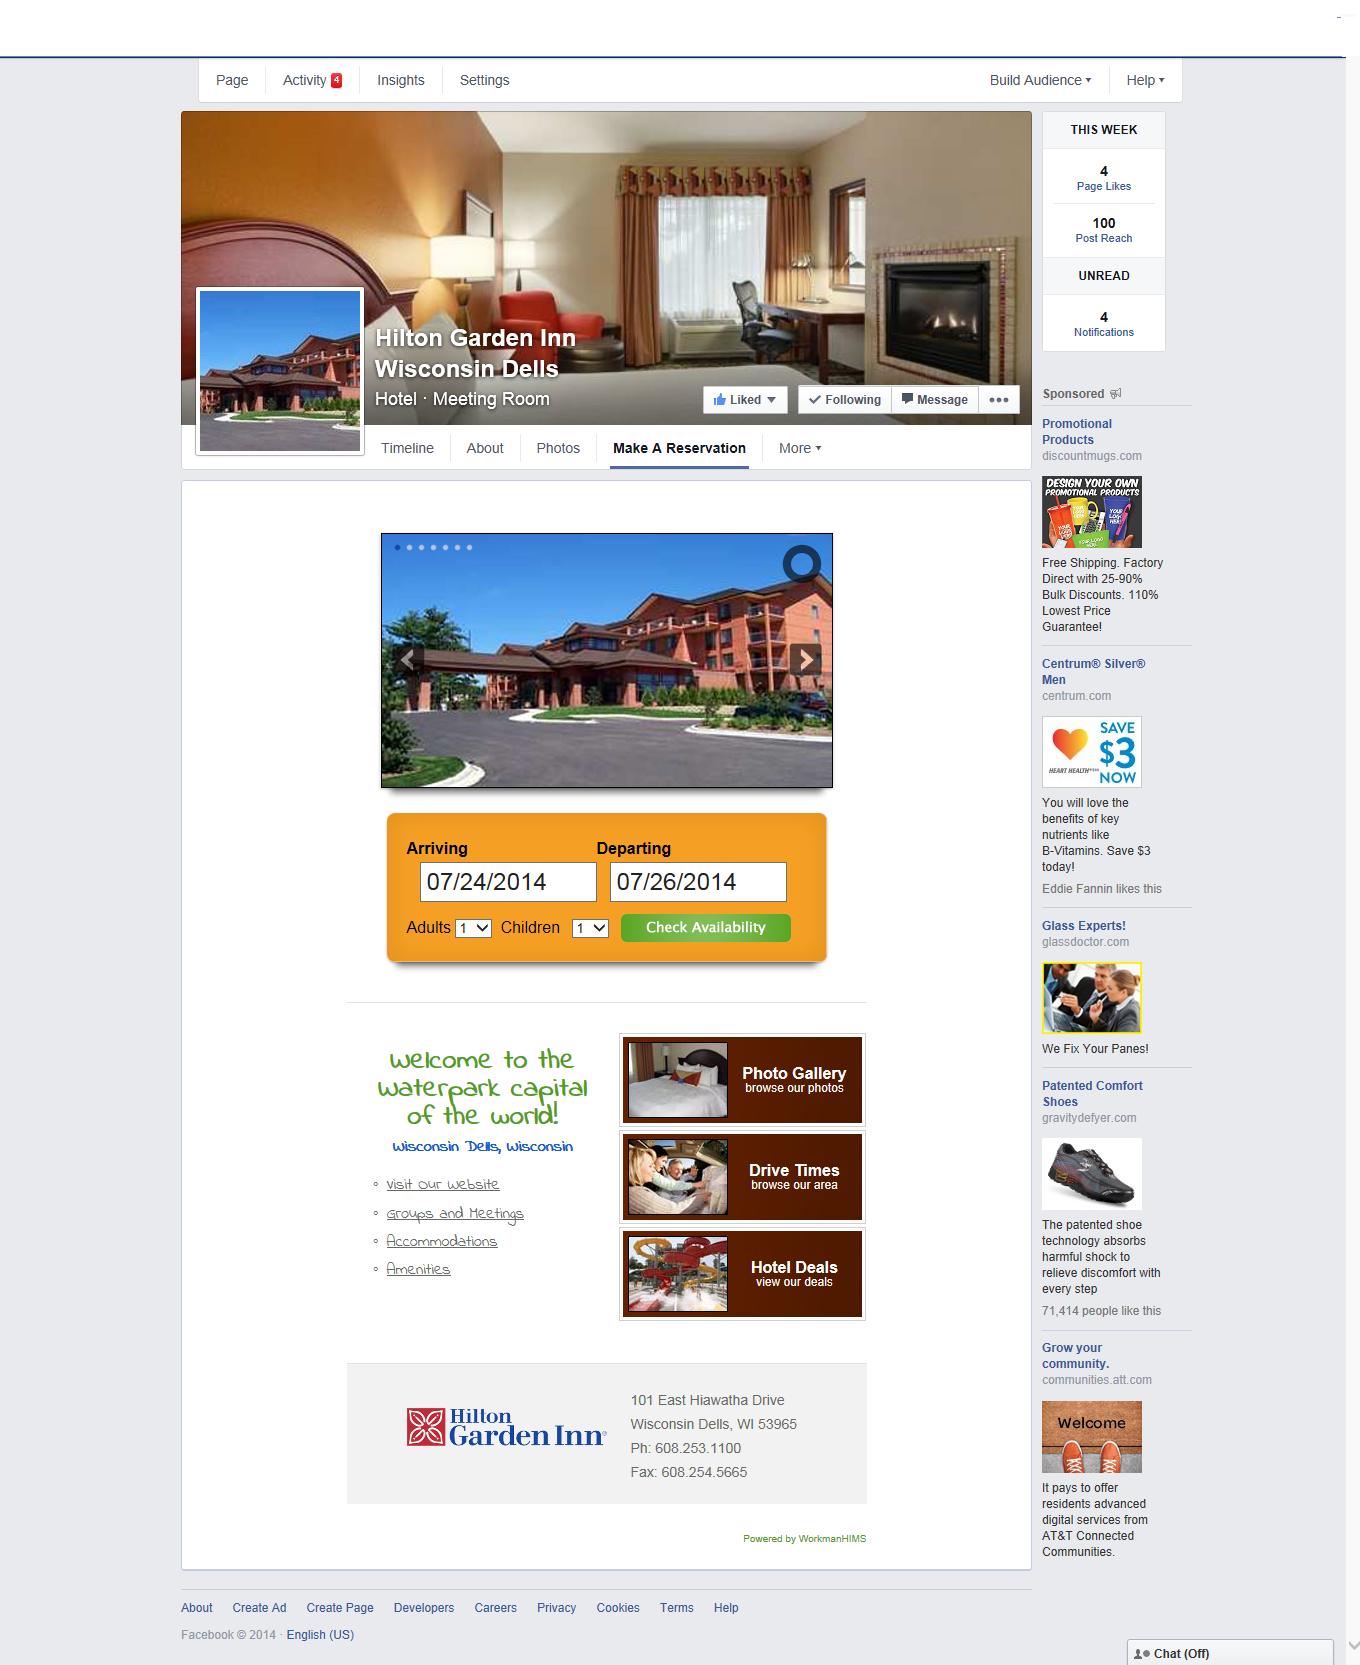 Wisconsin Dells Hilton Garden Inn Facebook Page booking calendar